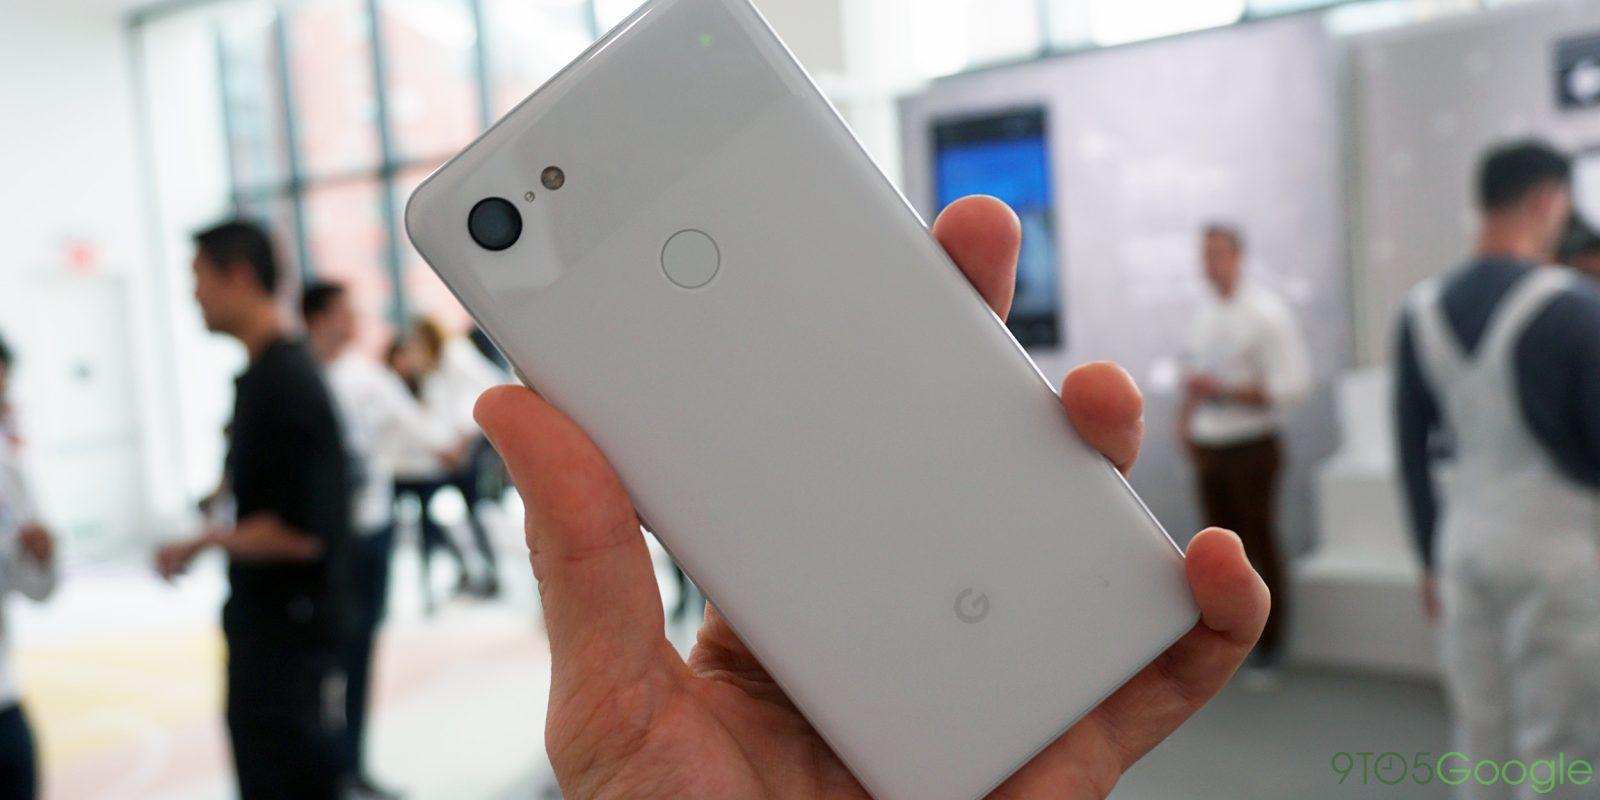 Google Pixel 3 - 9to5Google